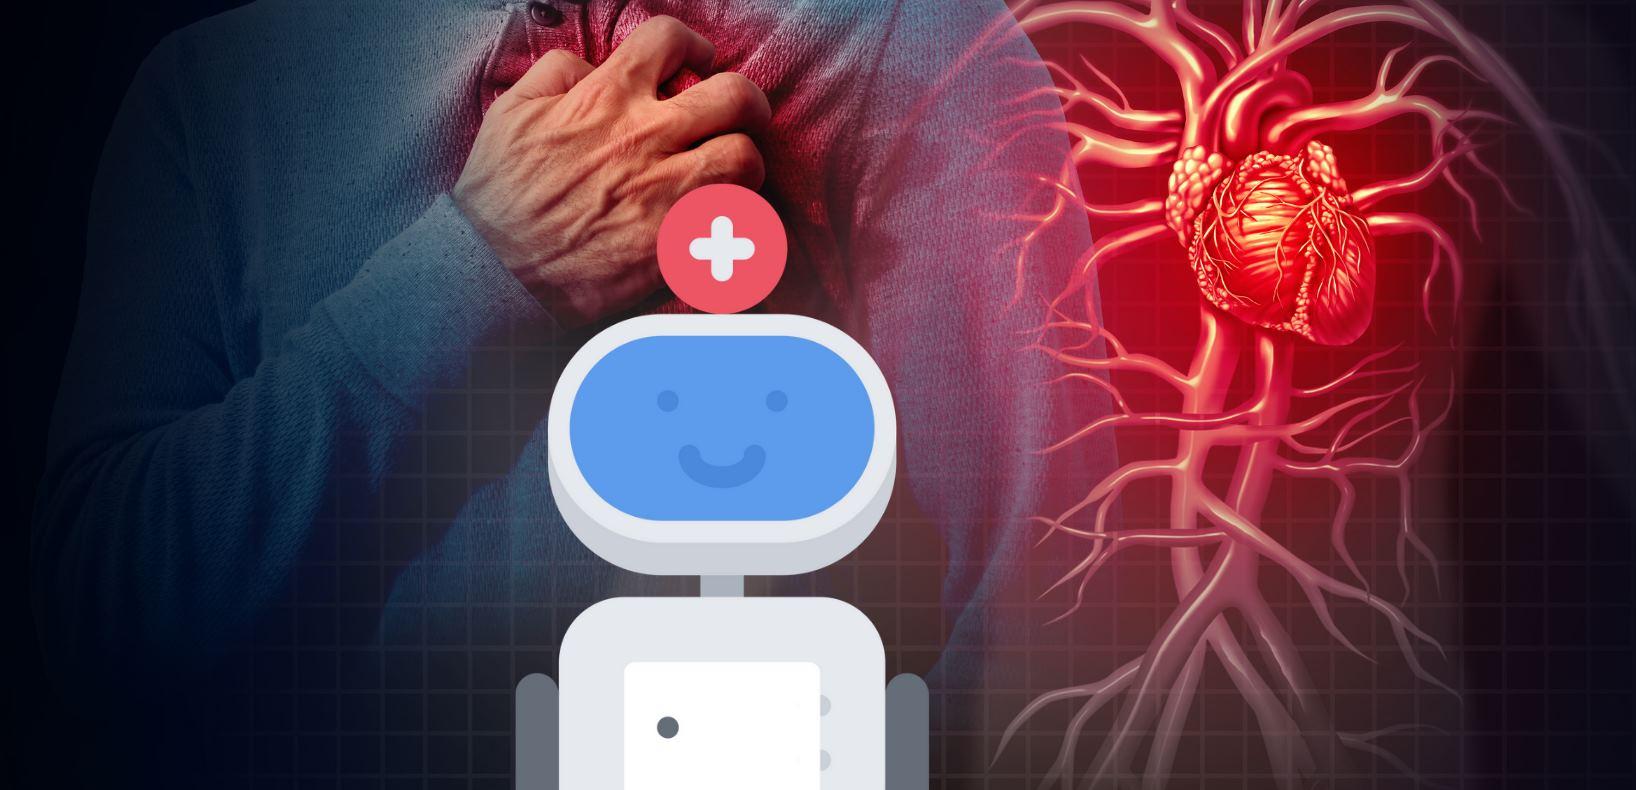 Esta tecnología detecta problemas cardíacos con una selfie